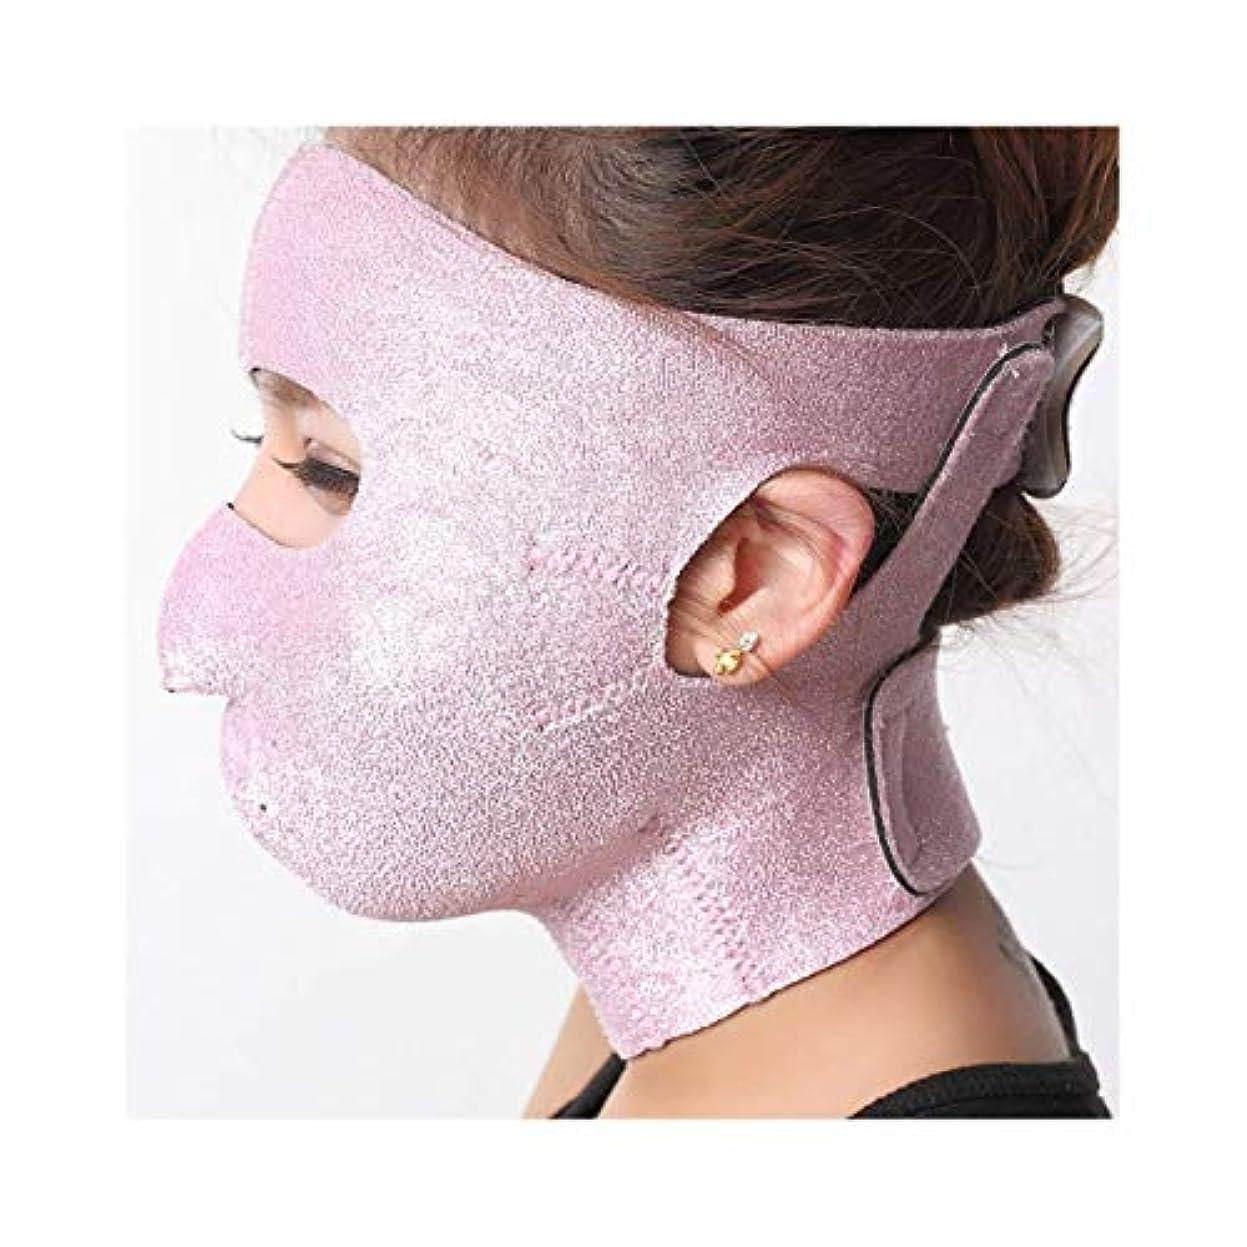 孤児ダメージライド引き締めフェイスマスク、小さなVフェイスアーティファクト睡眠リフティングマスク付き薄型フェイスバンデージマスク引き締めクリームフェイスリフトフェイスメロンフェイス楽器